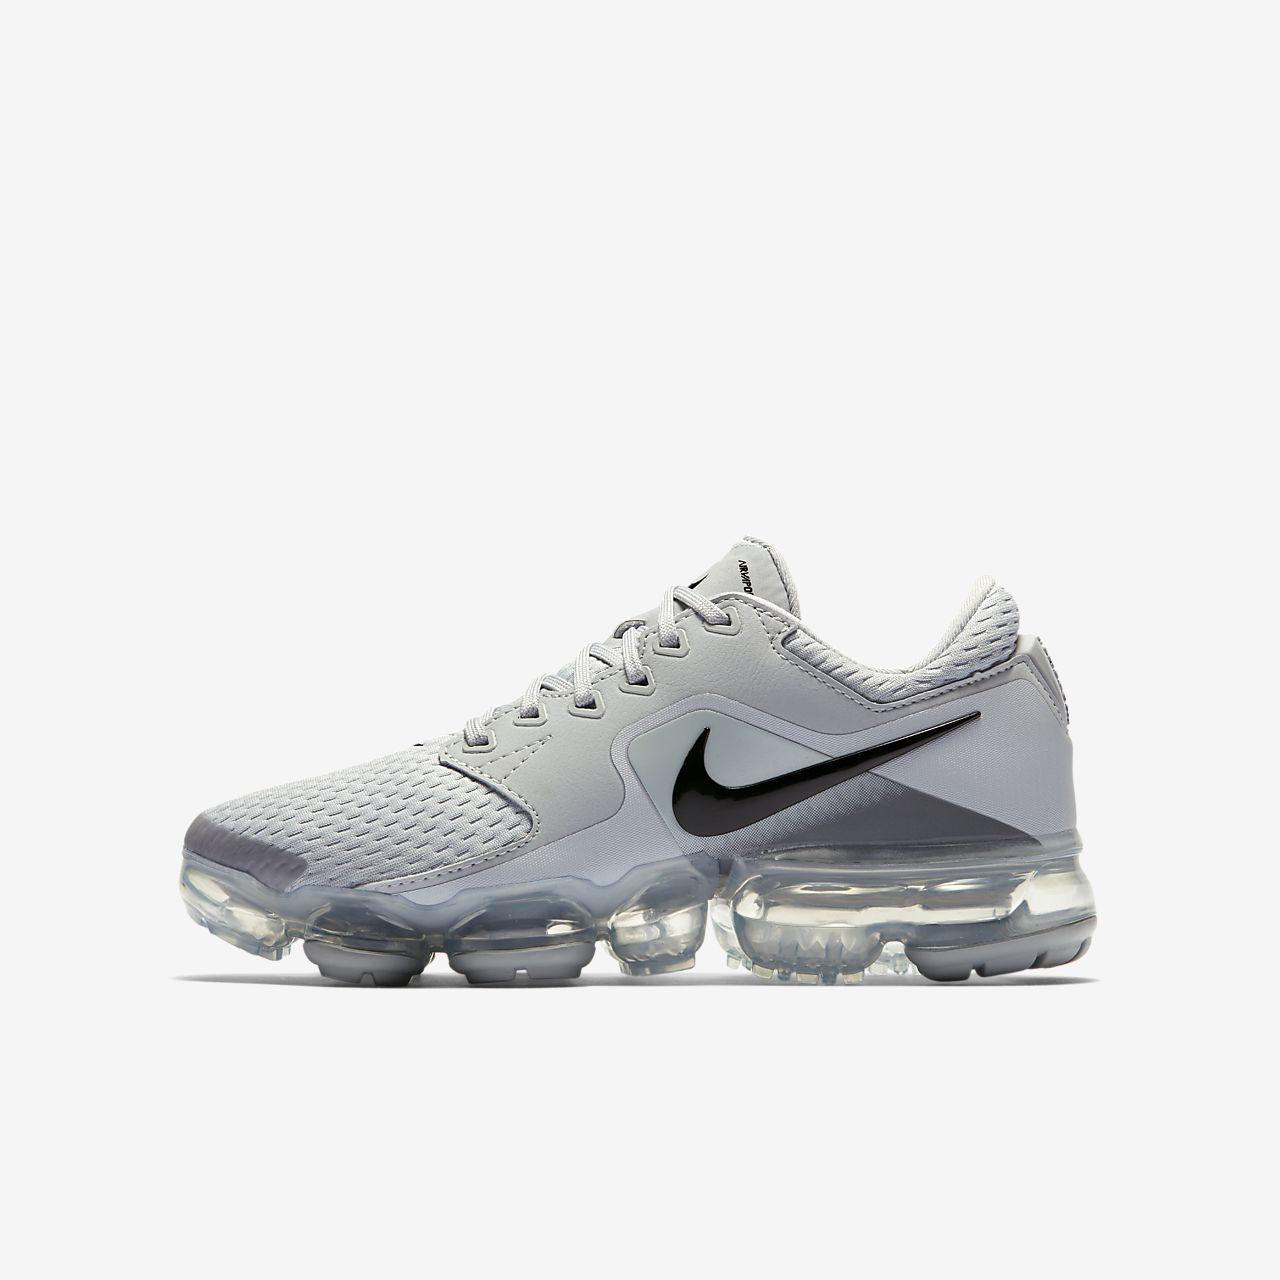 7x14a7 Air Enfant In Nike Plus Âgé Chaussure Fr Pour Vapormax S80Fwv